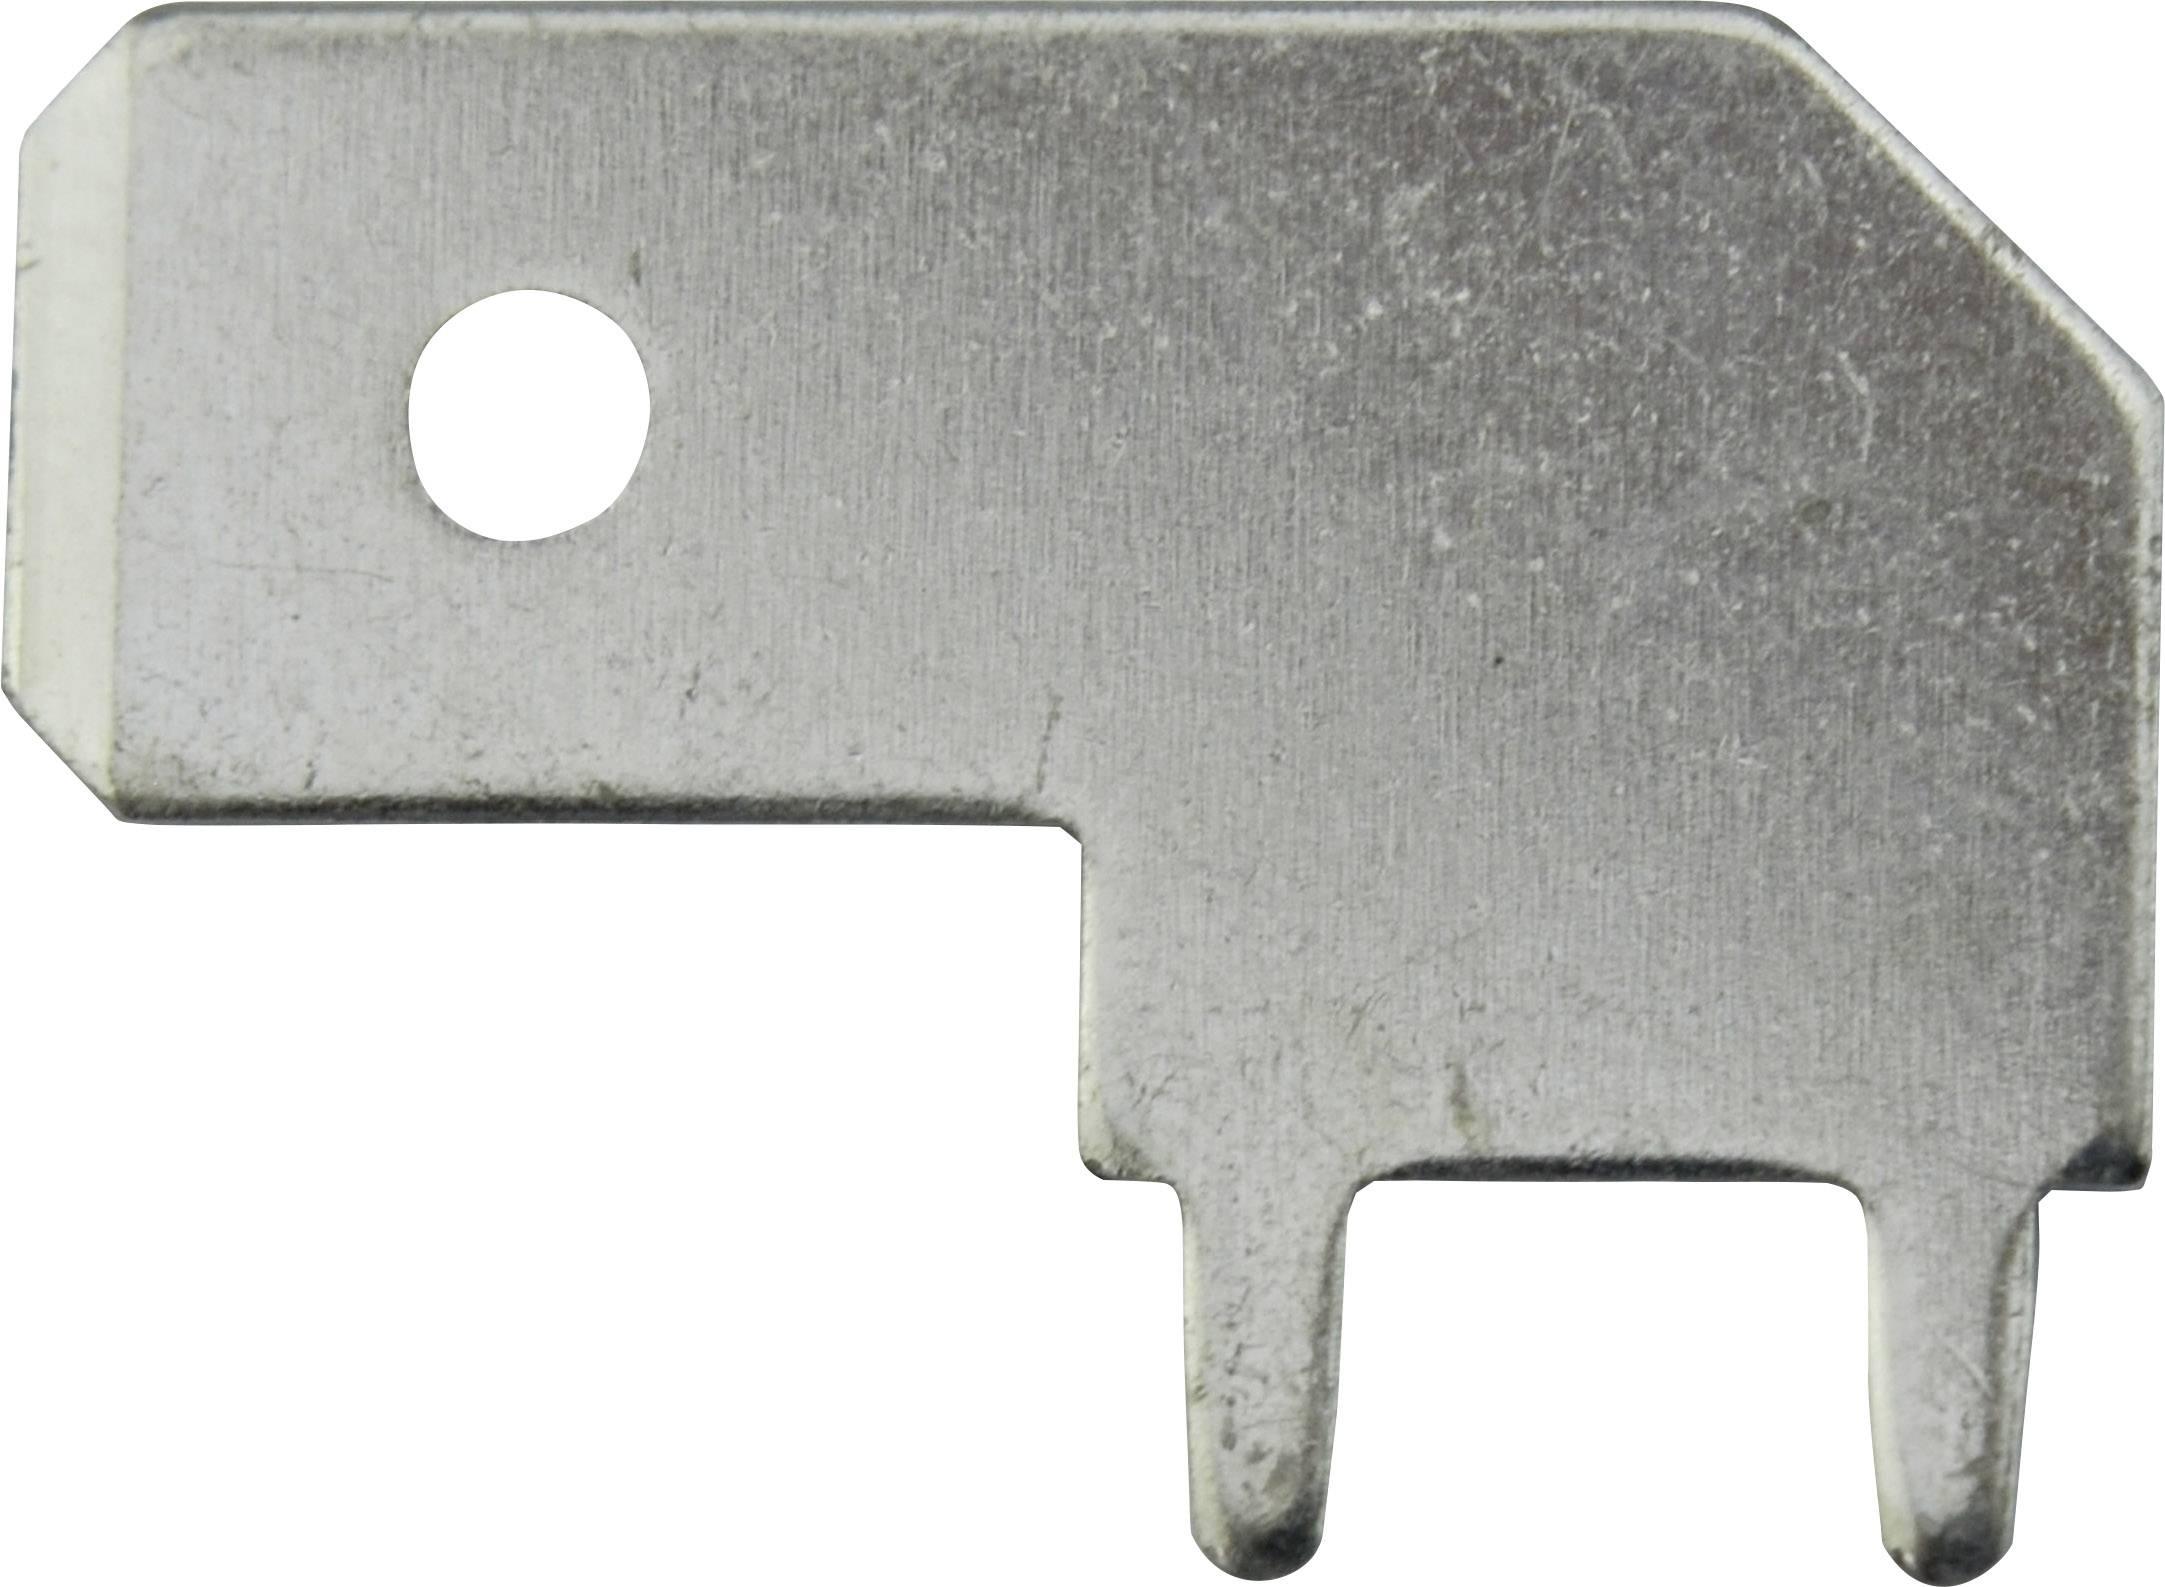 Faston zástrčka Vogt Verbindungstechnik 3867B.68 6.3 mm x 0.8 mm, 90 °, neizolované, kov, 1 ks